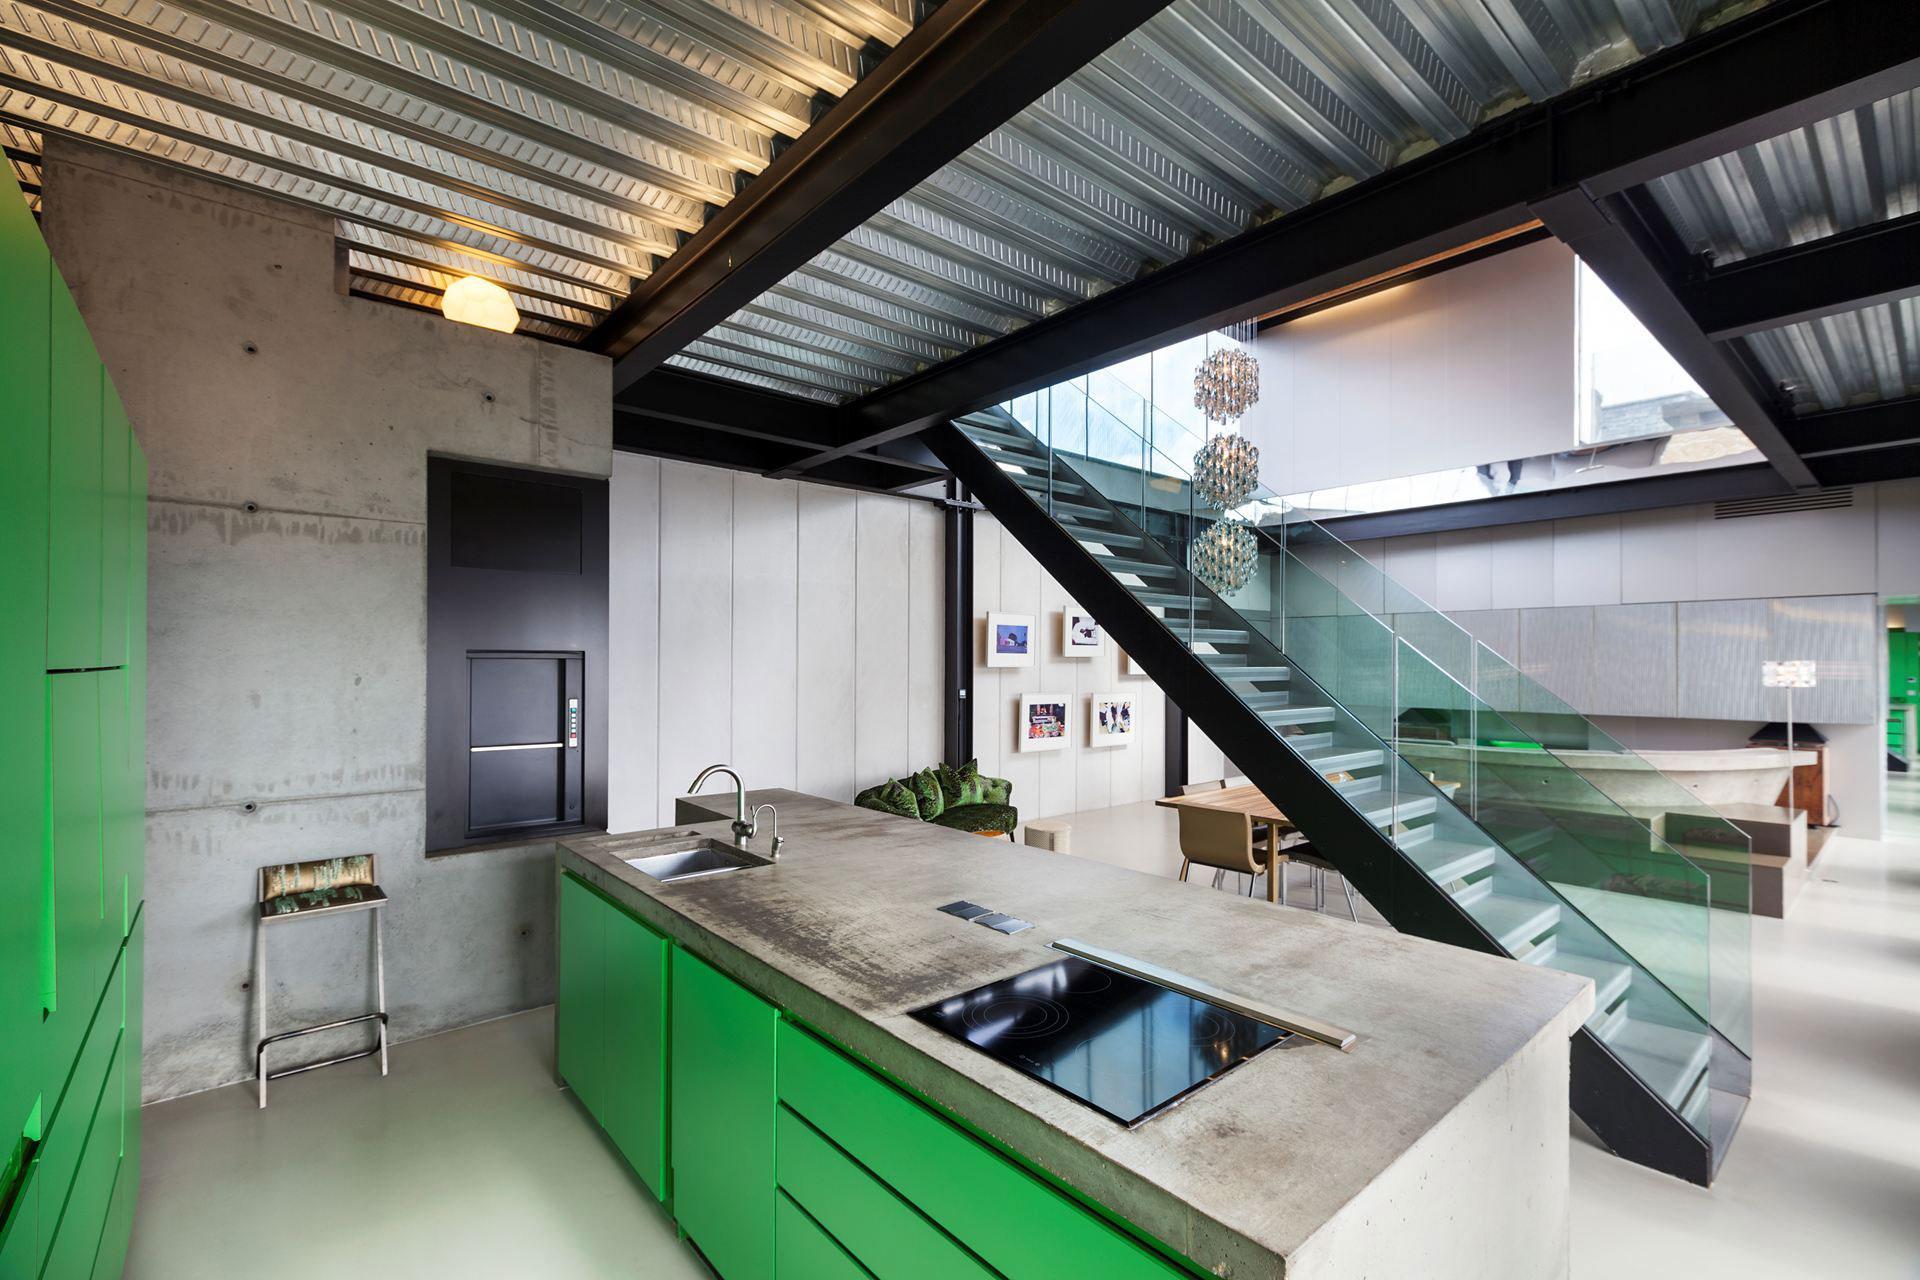 Silverlight Home in West London by Adjaye Associates-06